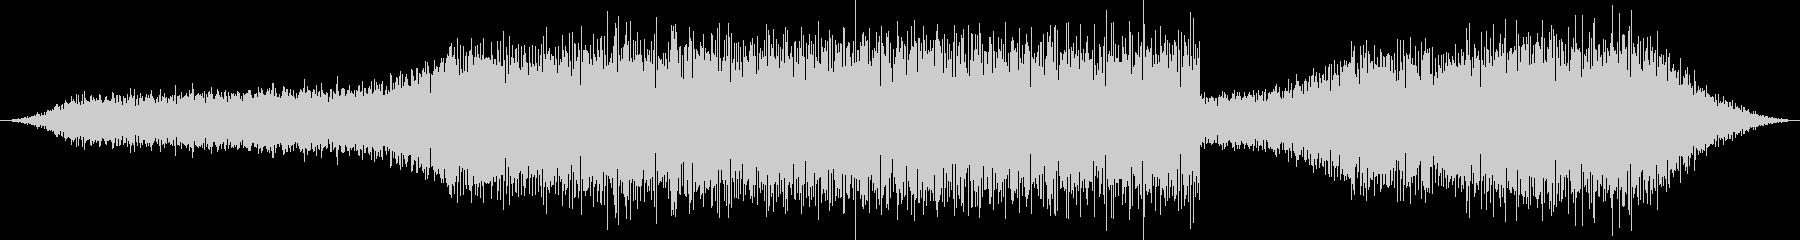 実験、検証映像のBGMにの未再生の波形